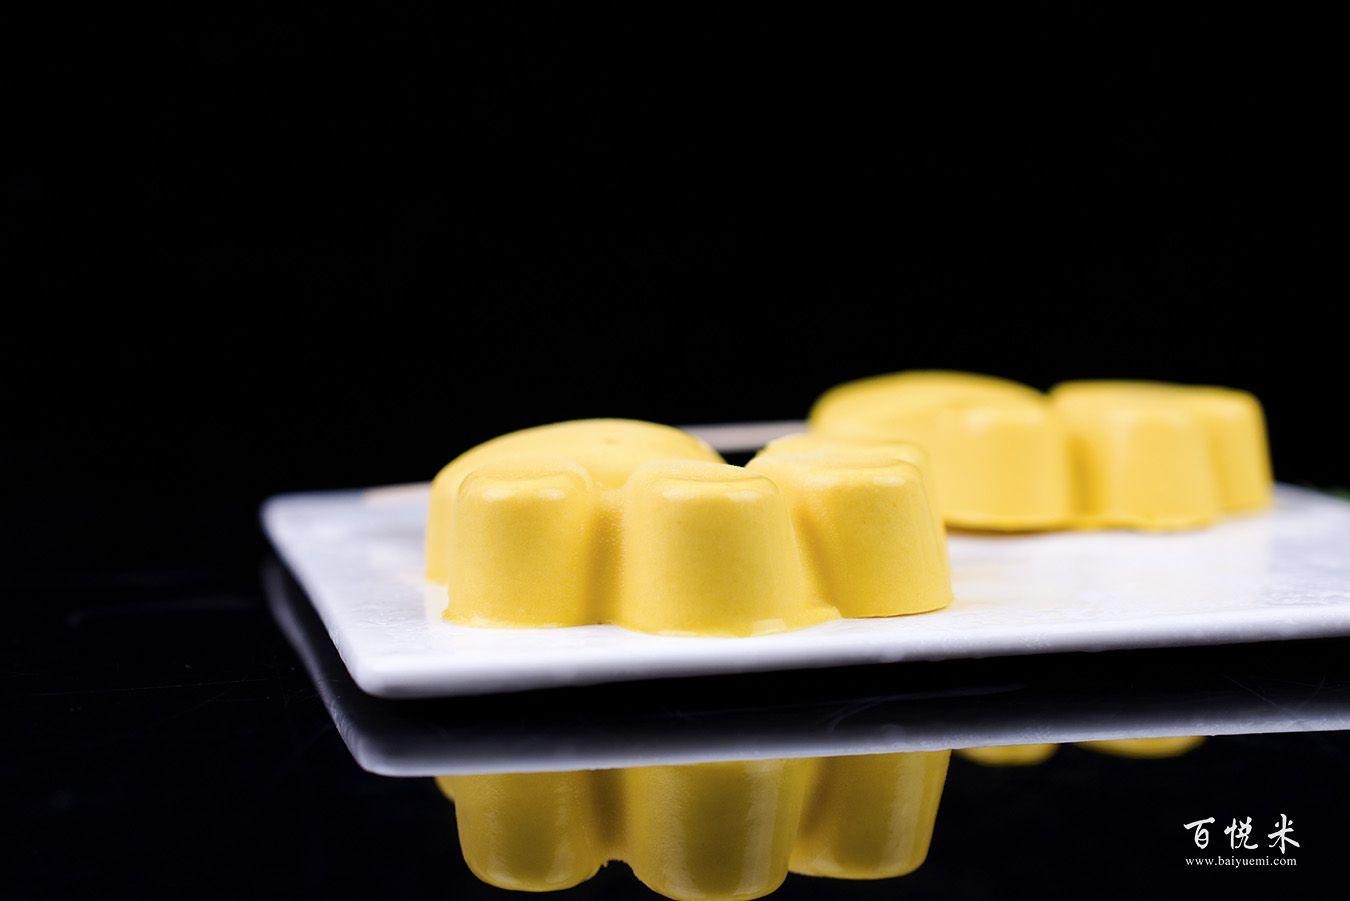 芒果雪糕高清图片大全【蛋糕图片】